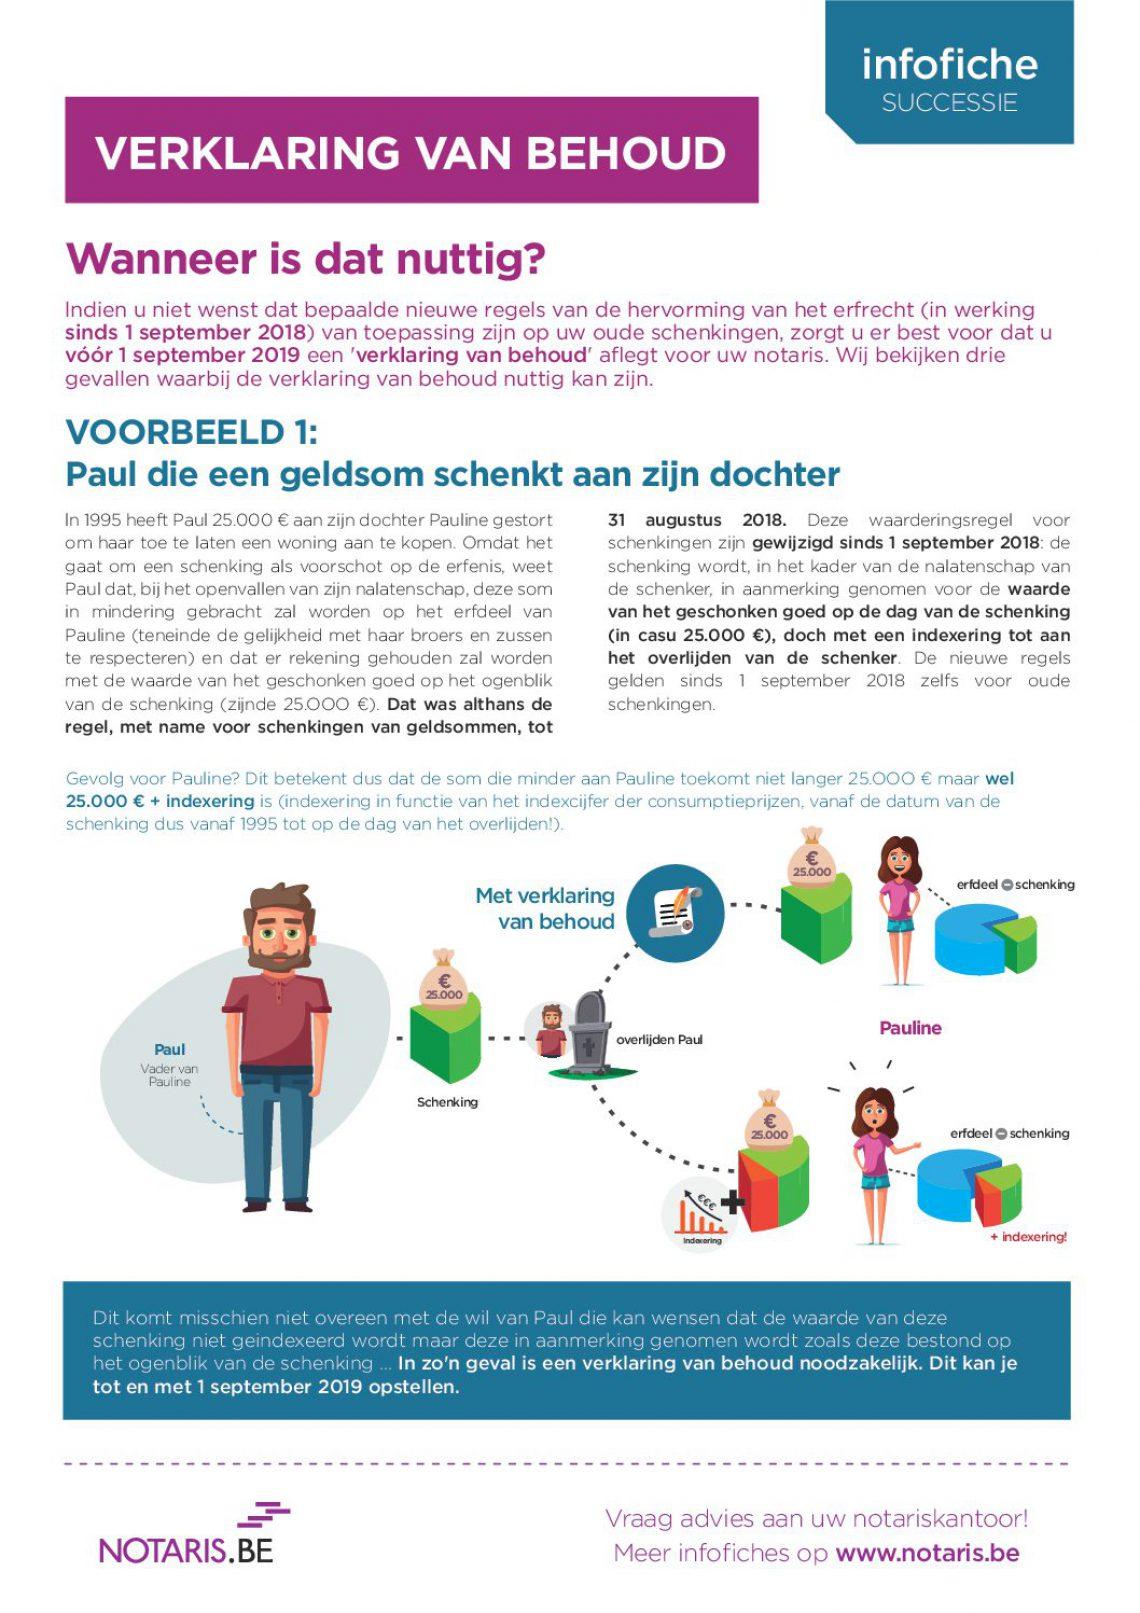 infofiche-verklaringvanbehoud-nl